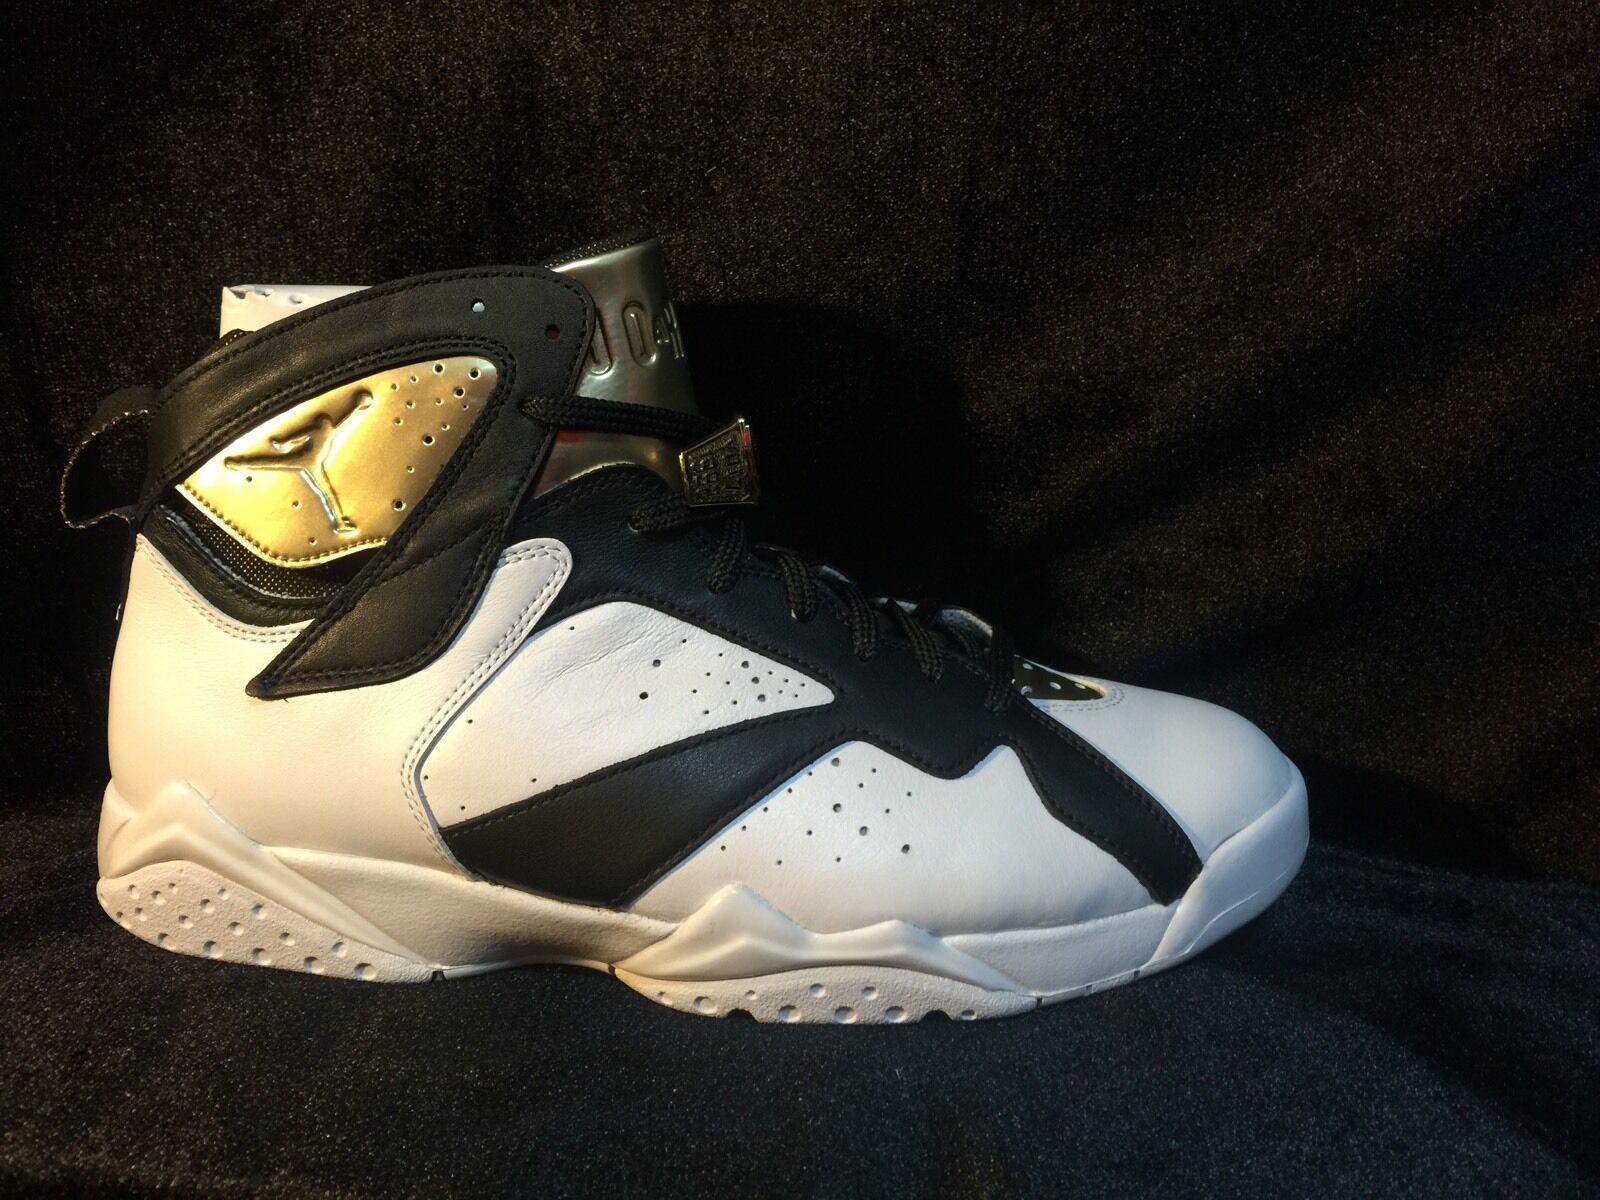 Nike Air Jordan 7 retro VII SZ C & C Champagne reduccion de precio SZ VII 14 nuevos zapatos para hombres y mujeres, el limitado tiempo de descuento 2b2de1